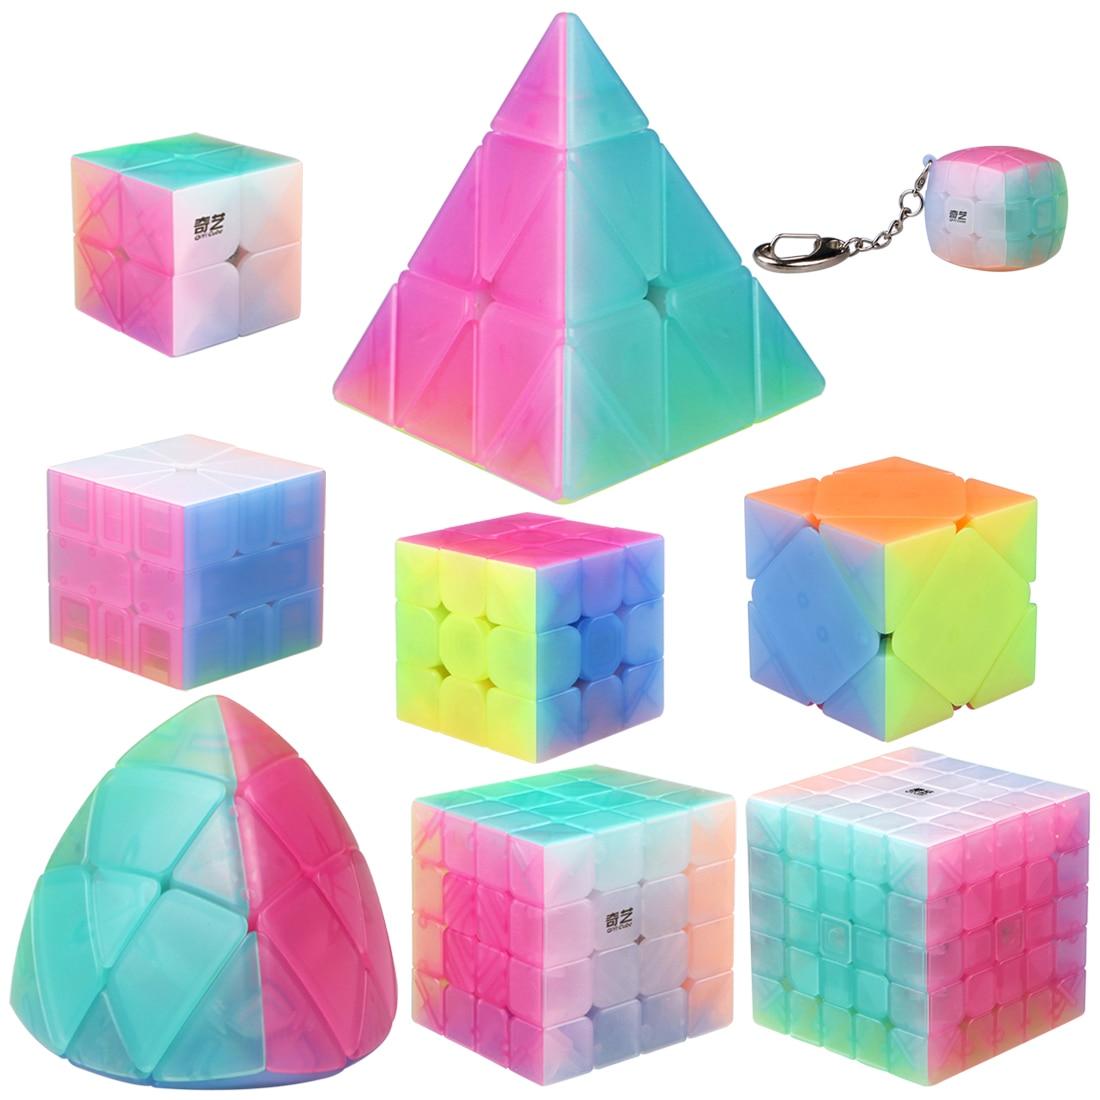 QiYi Jelly Cube Set Including Pyramid SQ-1 Mastermorphix Qidi S 2x2 Warrior W 3x3 QiYuan 4x4 Qizheng 5x5 Magic Kits